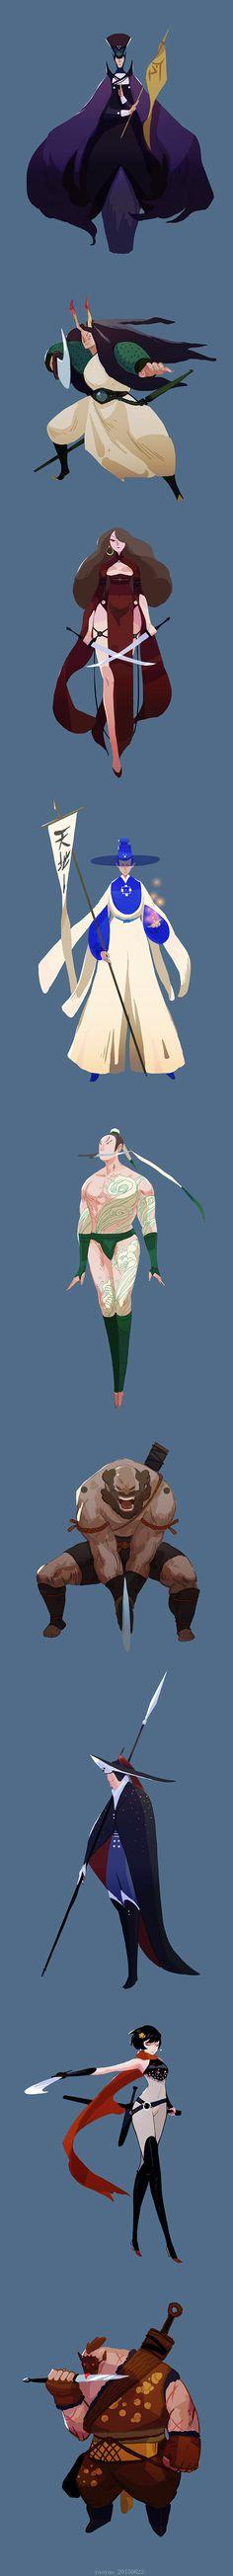 yao yao on Behance Game Character Design, Character Design References, Character Design Inspiration, Character Concept, Game Design, Character Art, Concept Art, Design Poster, Art Furniture